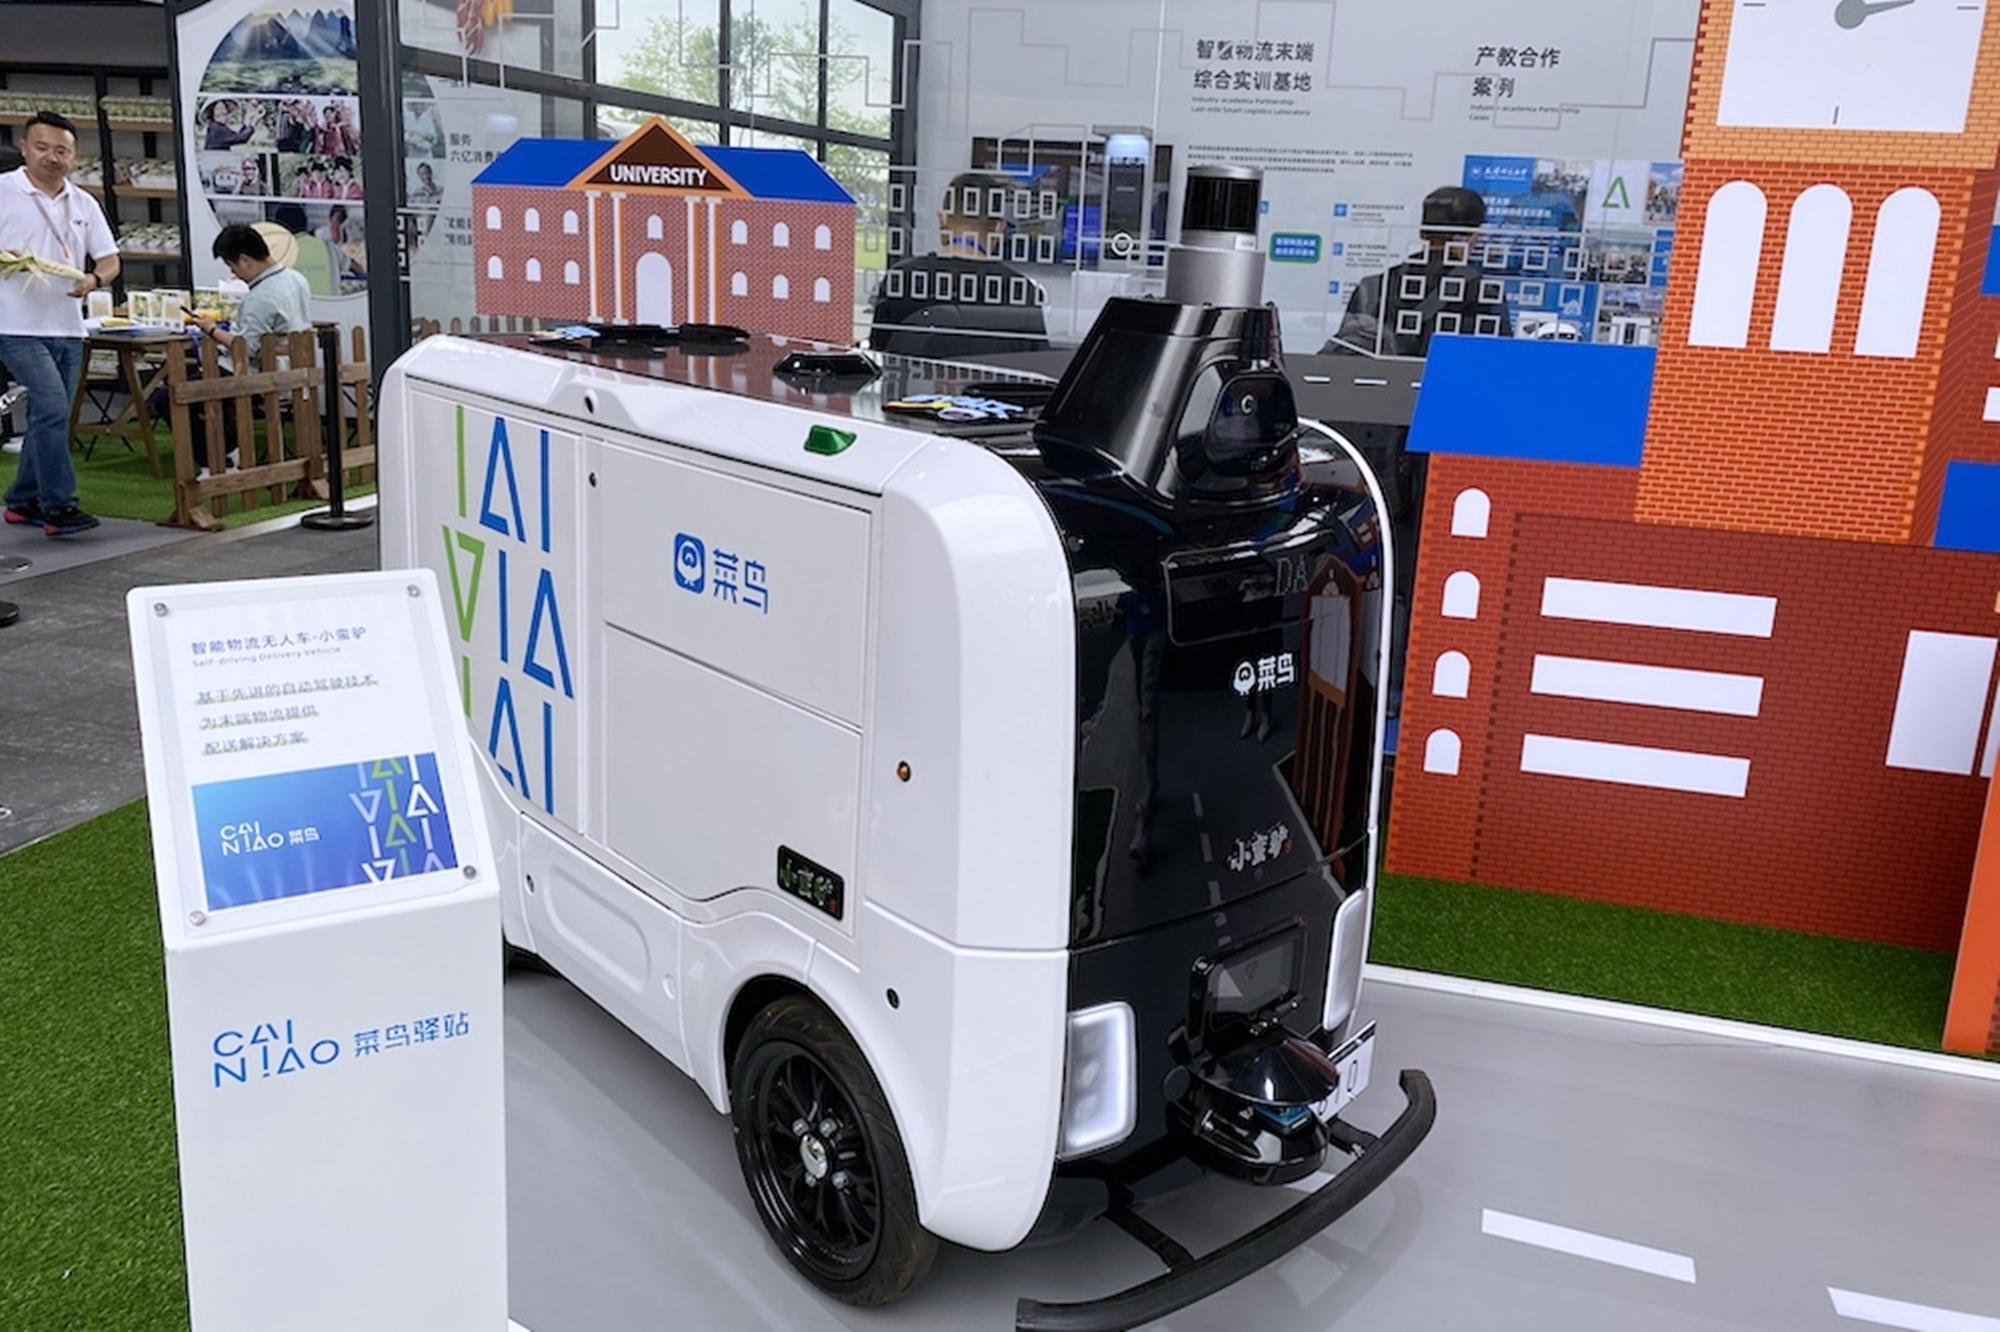 อาลีบาบาประกาศใช้หุ่นยนต์ 1,000 ตัวส่งสินค้า ตอบรับเทรนด์อีคอมเมิร์ซบูมในประเทศจีน